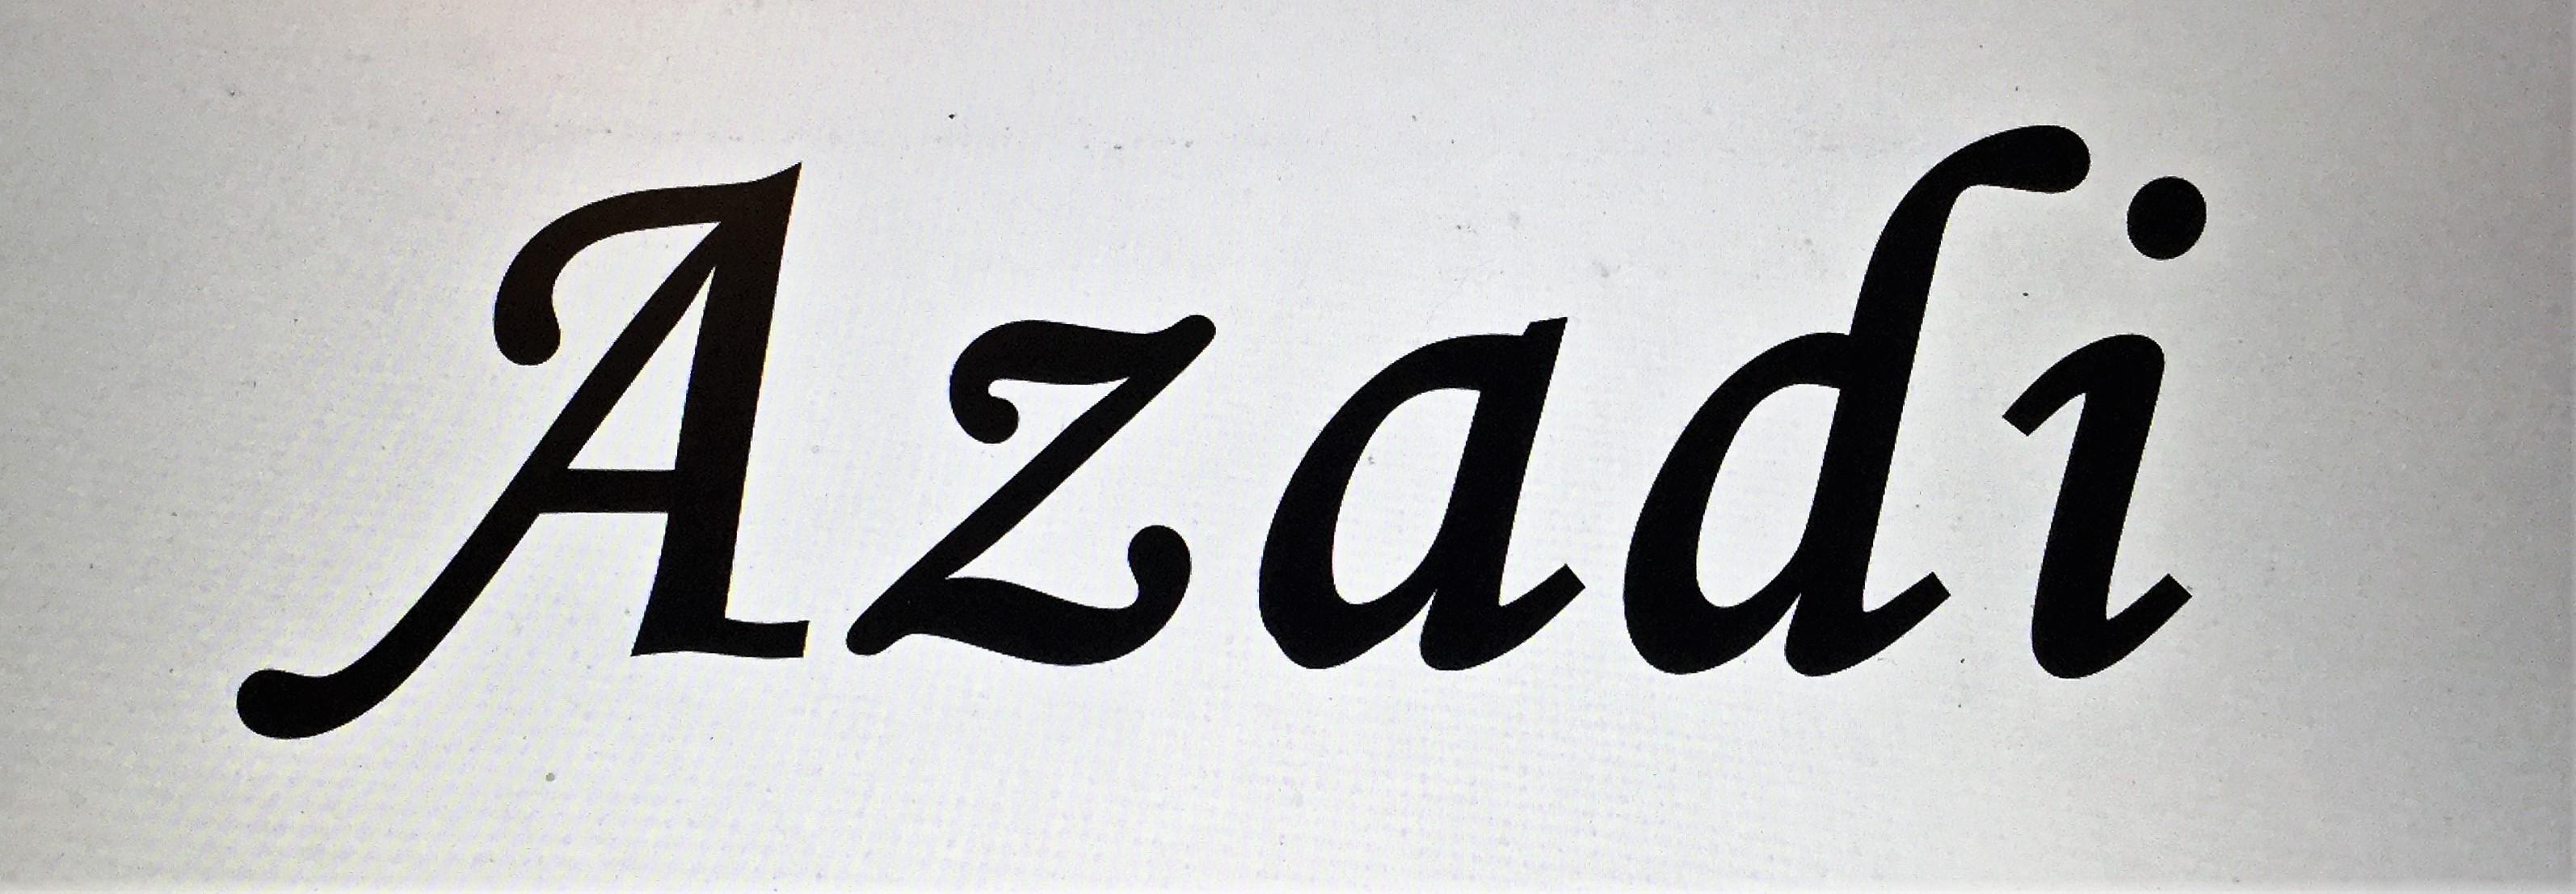 AZADI 1090 Logo